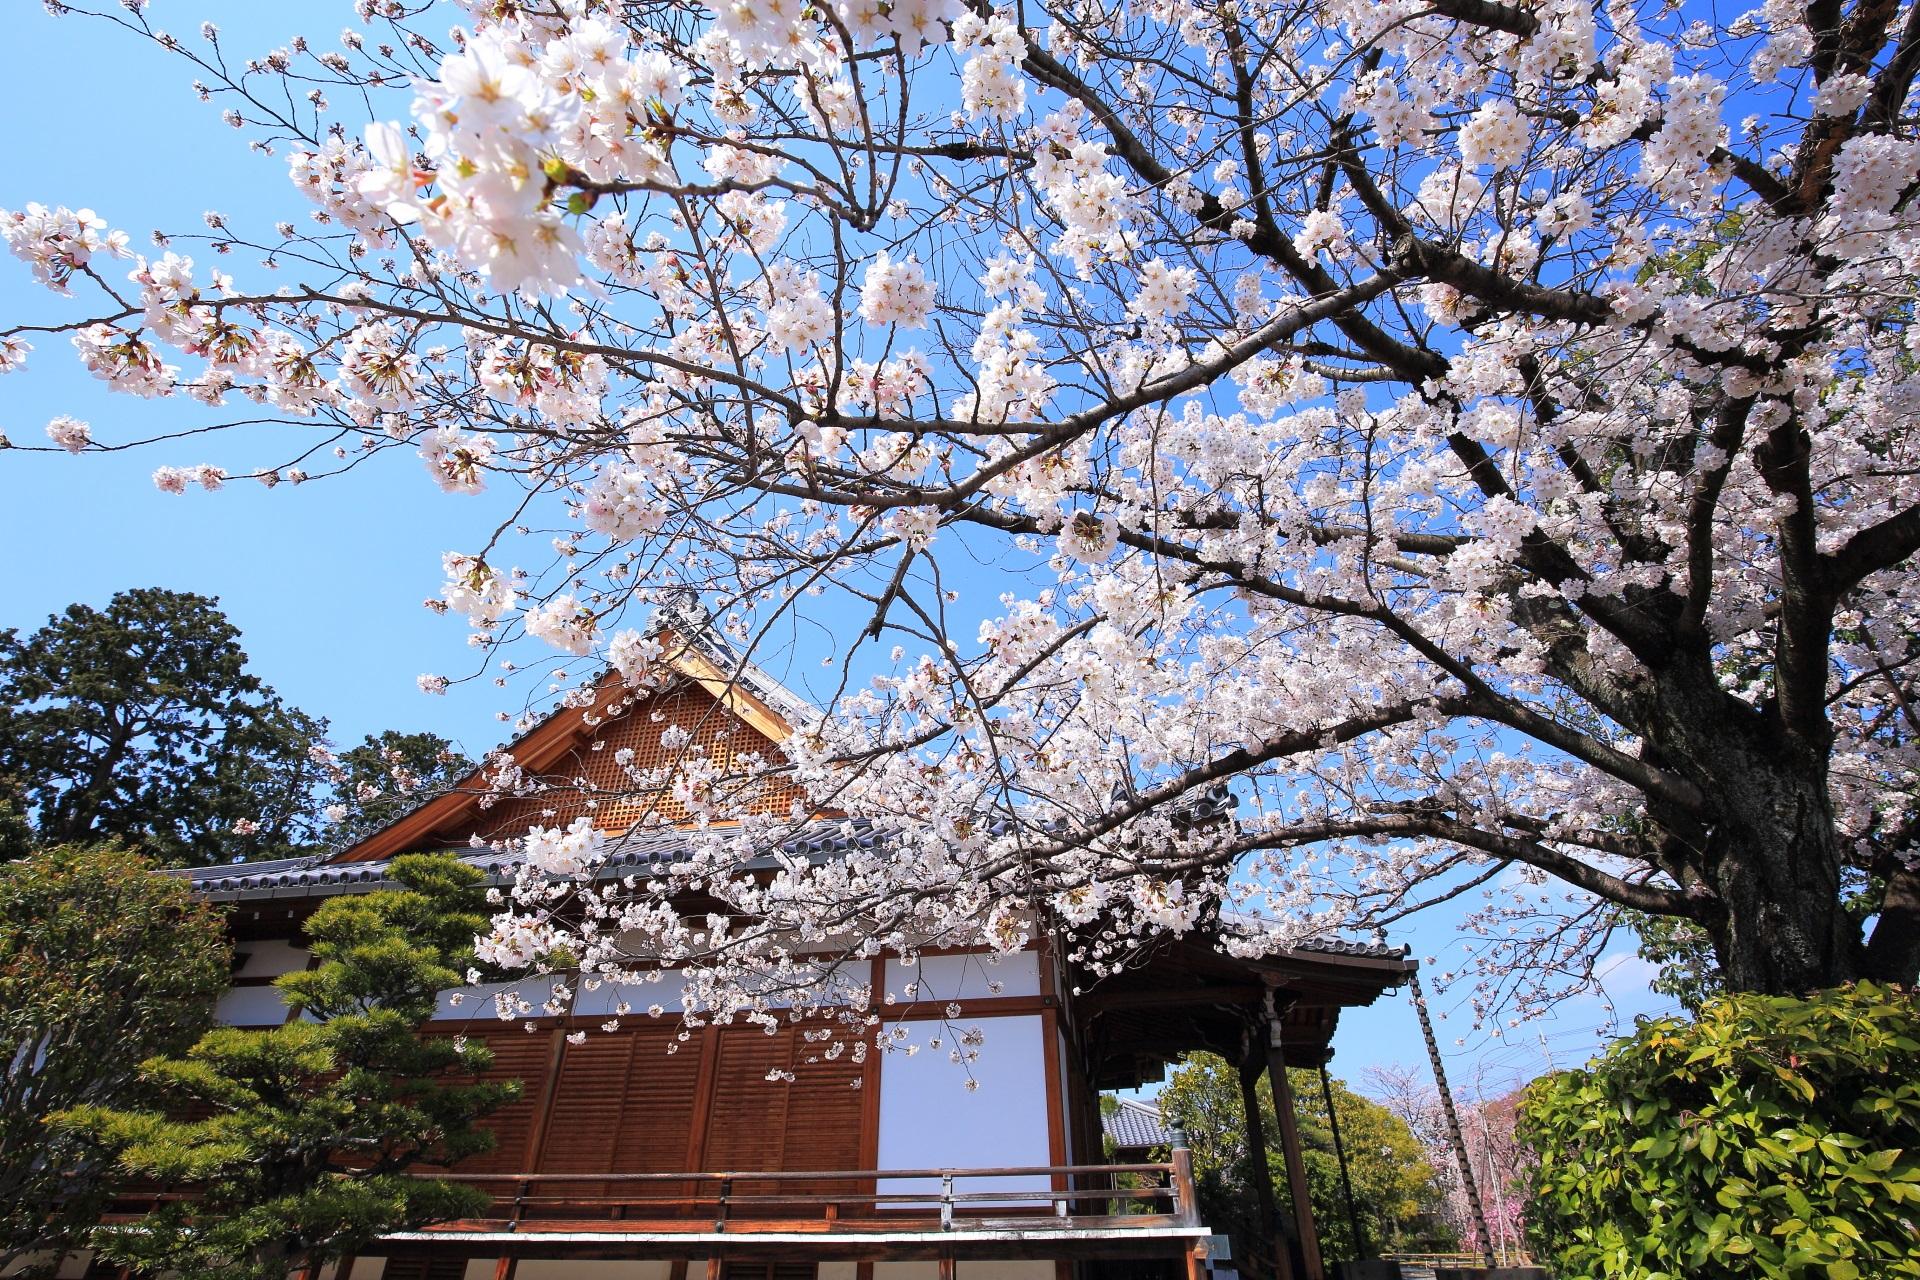 上品蓮台寺の春を賑やかに彩る桜